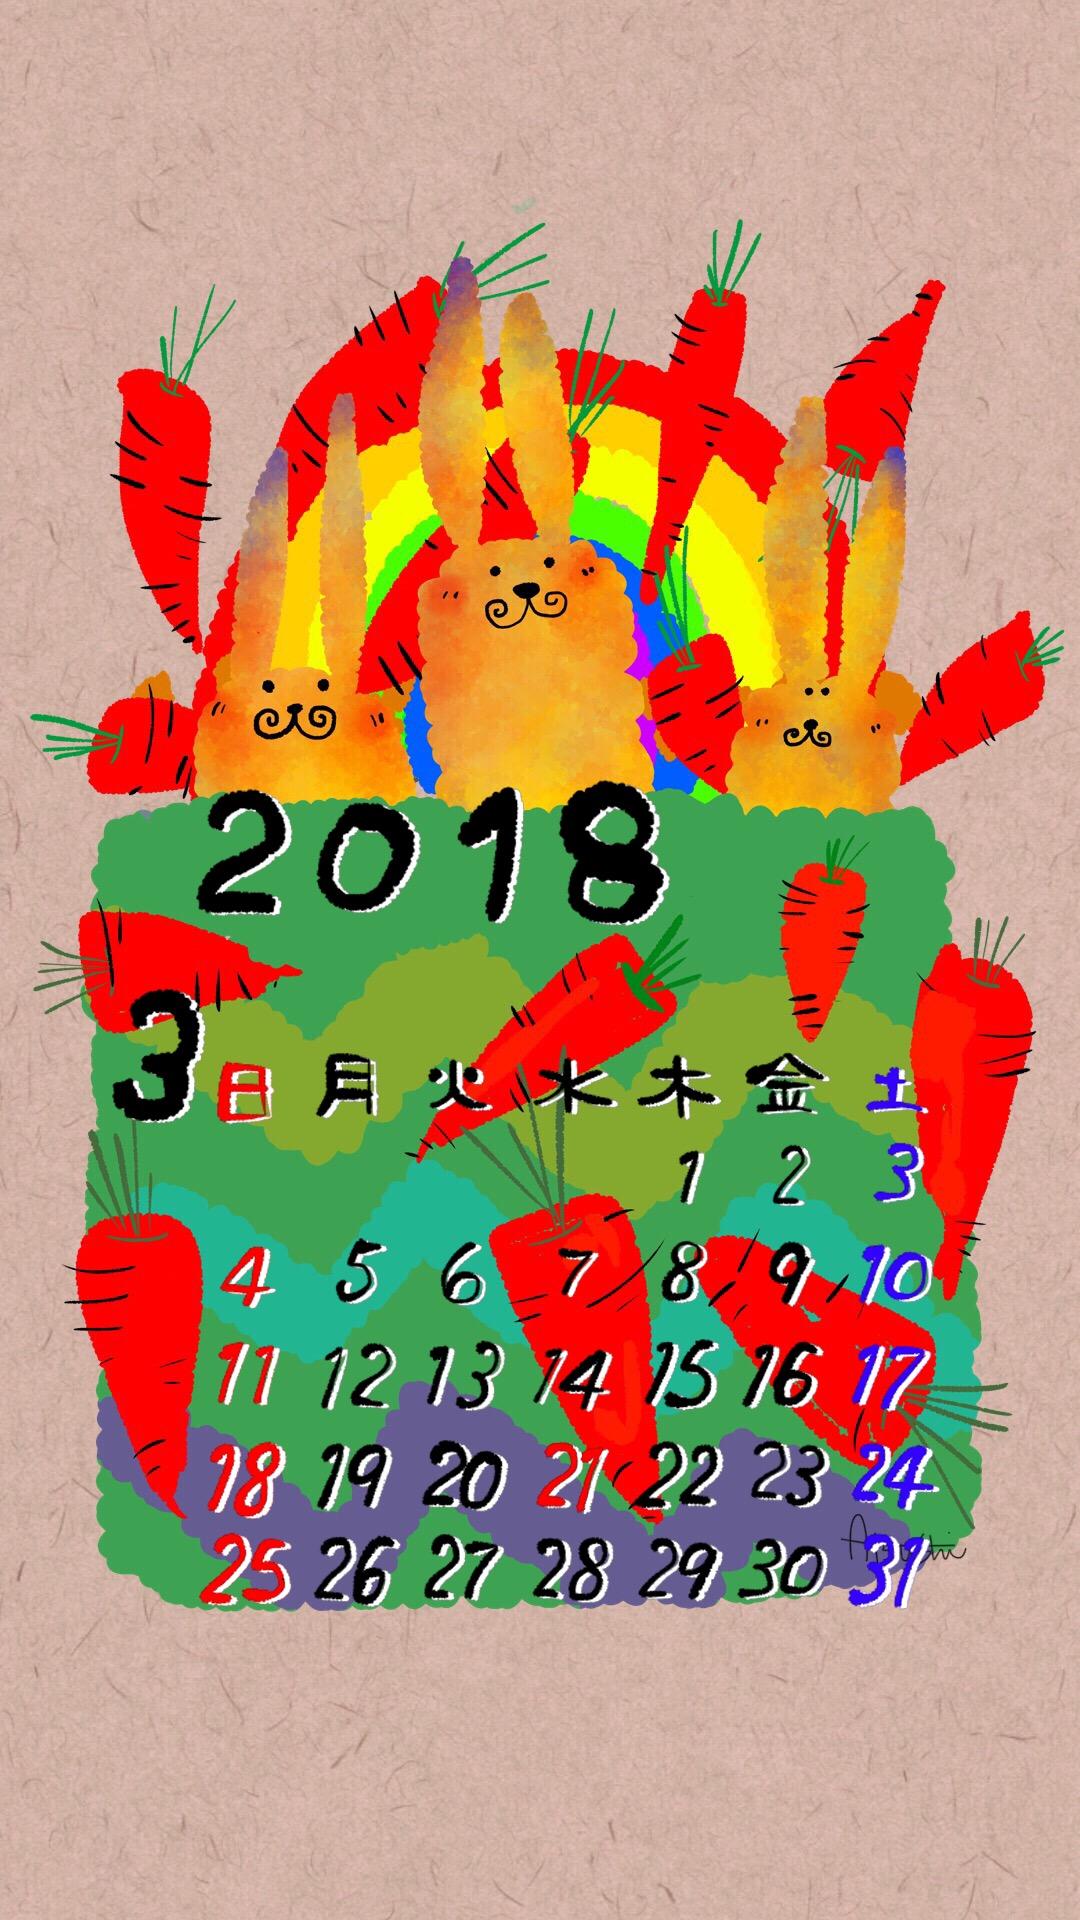 うさぎのイラストiPhone壁紙2018年3月カレンダー